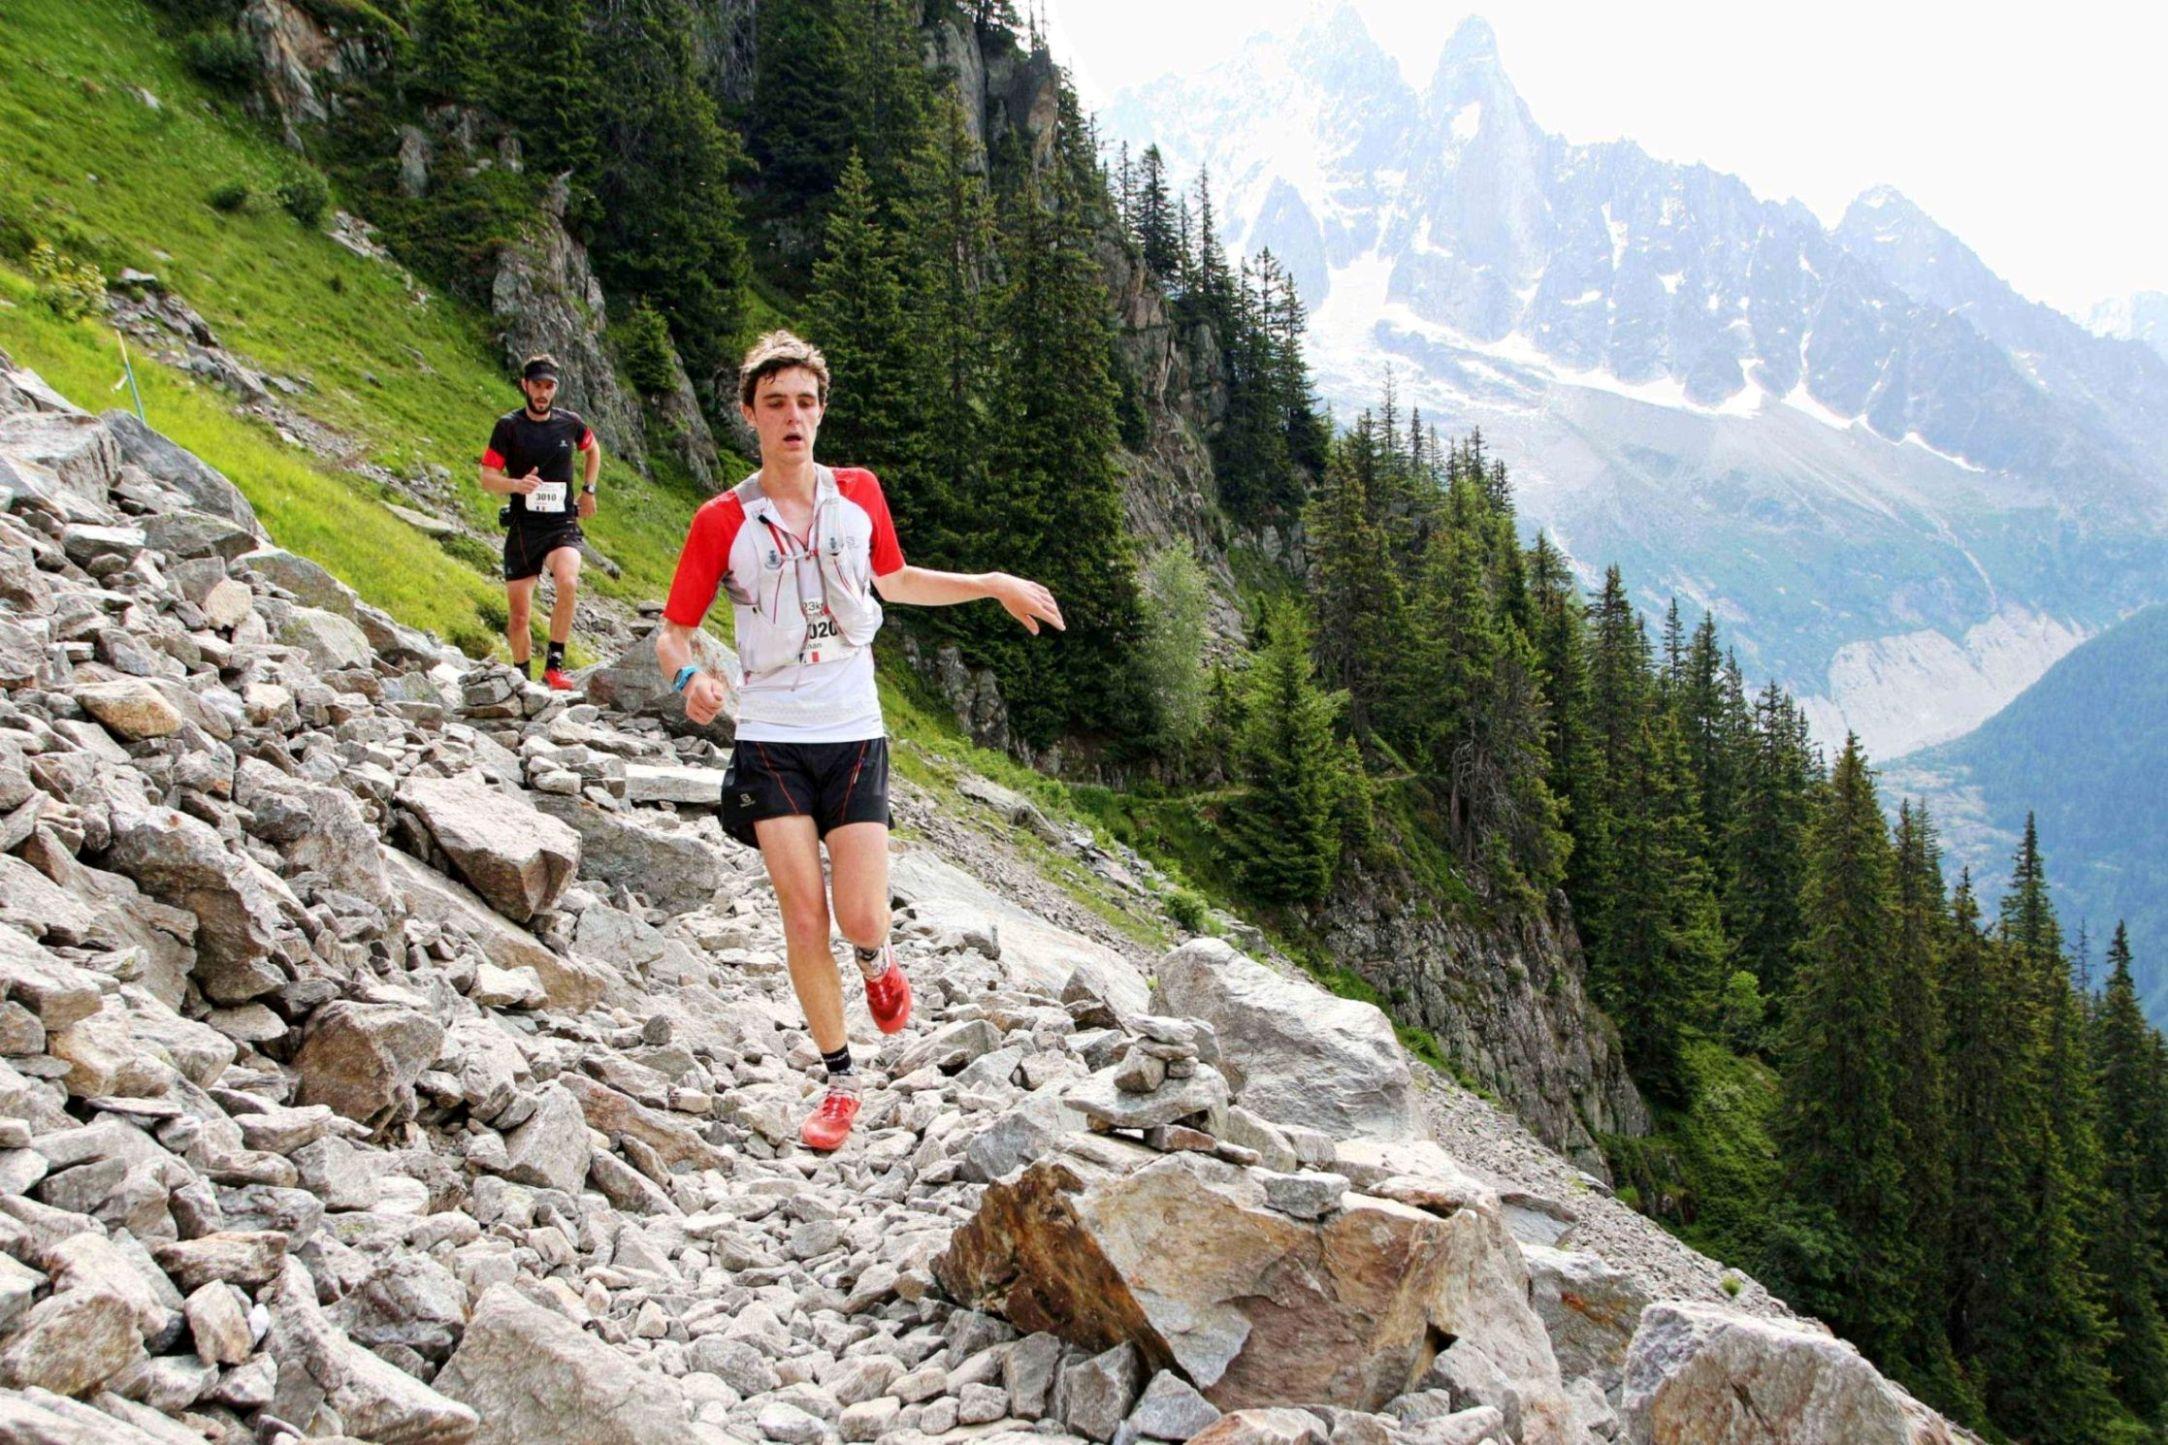 marathon du mont blanc retour gagnant pour le suisse marc lauenstein u run